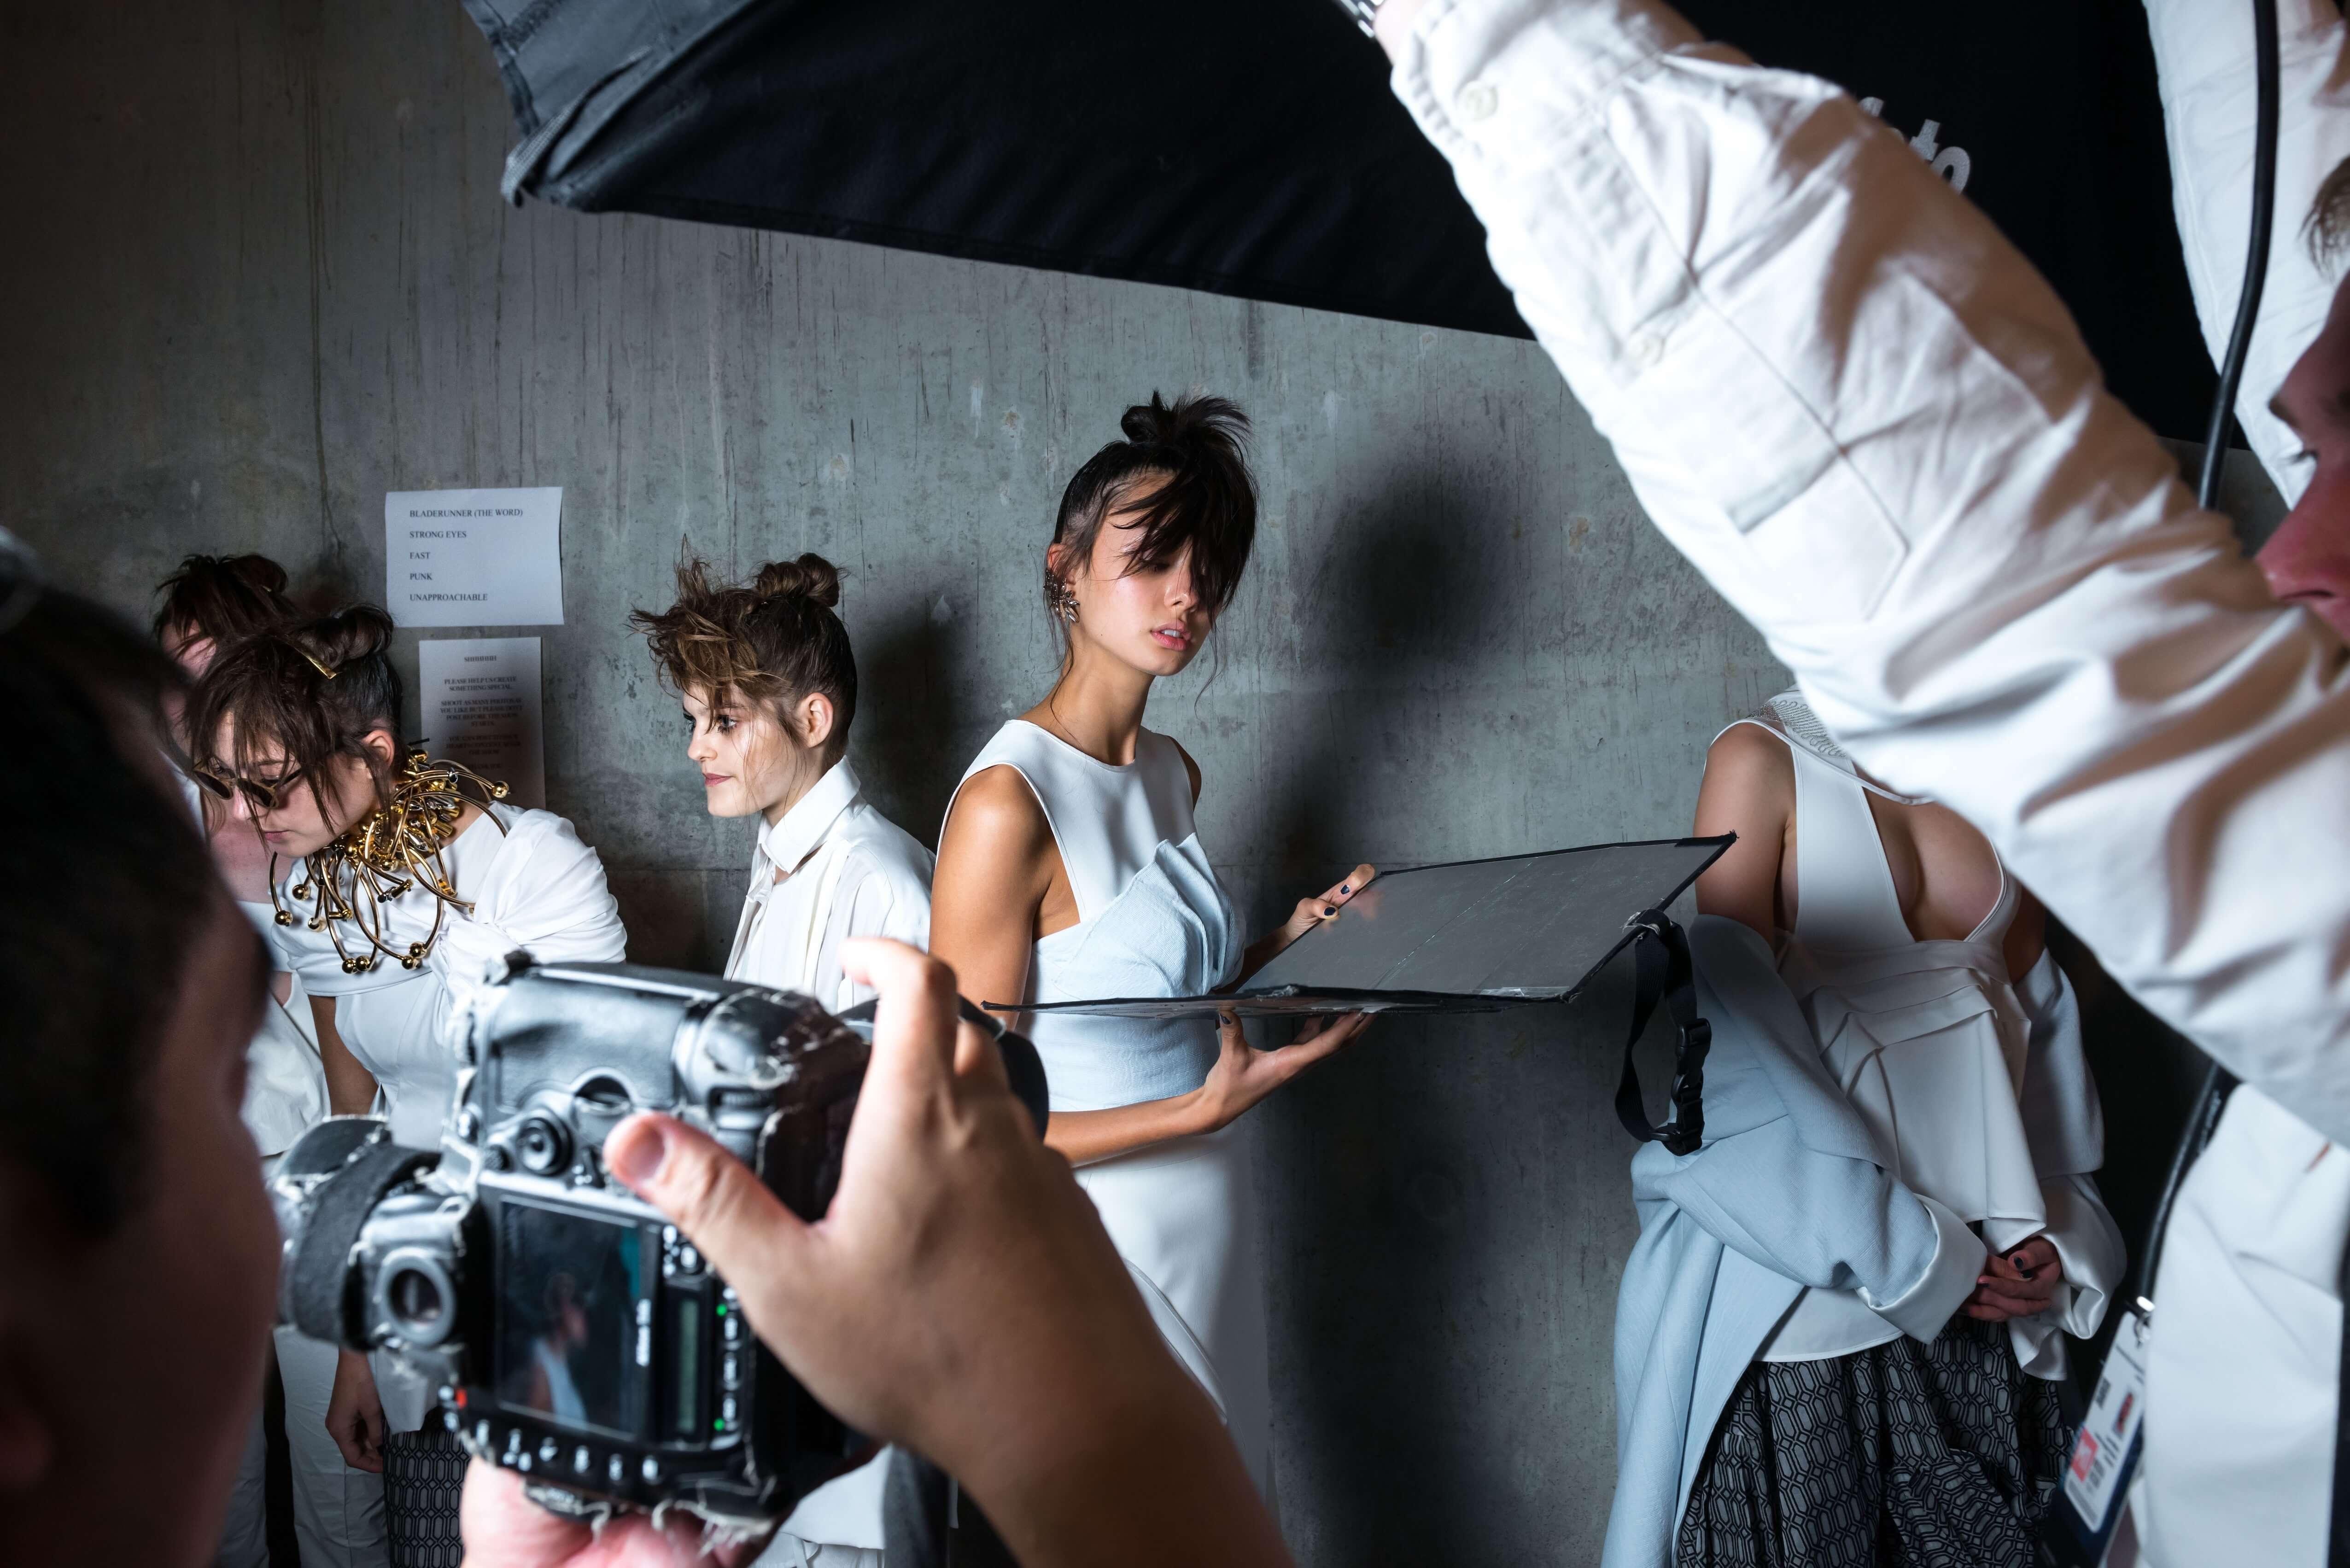 ファッション撮影をしている女性の様子